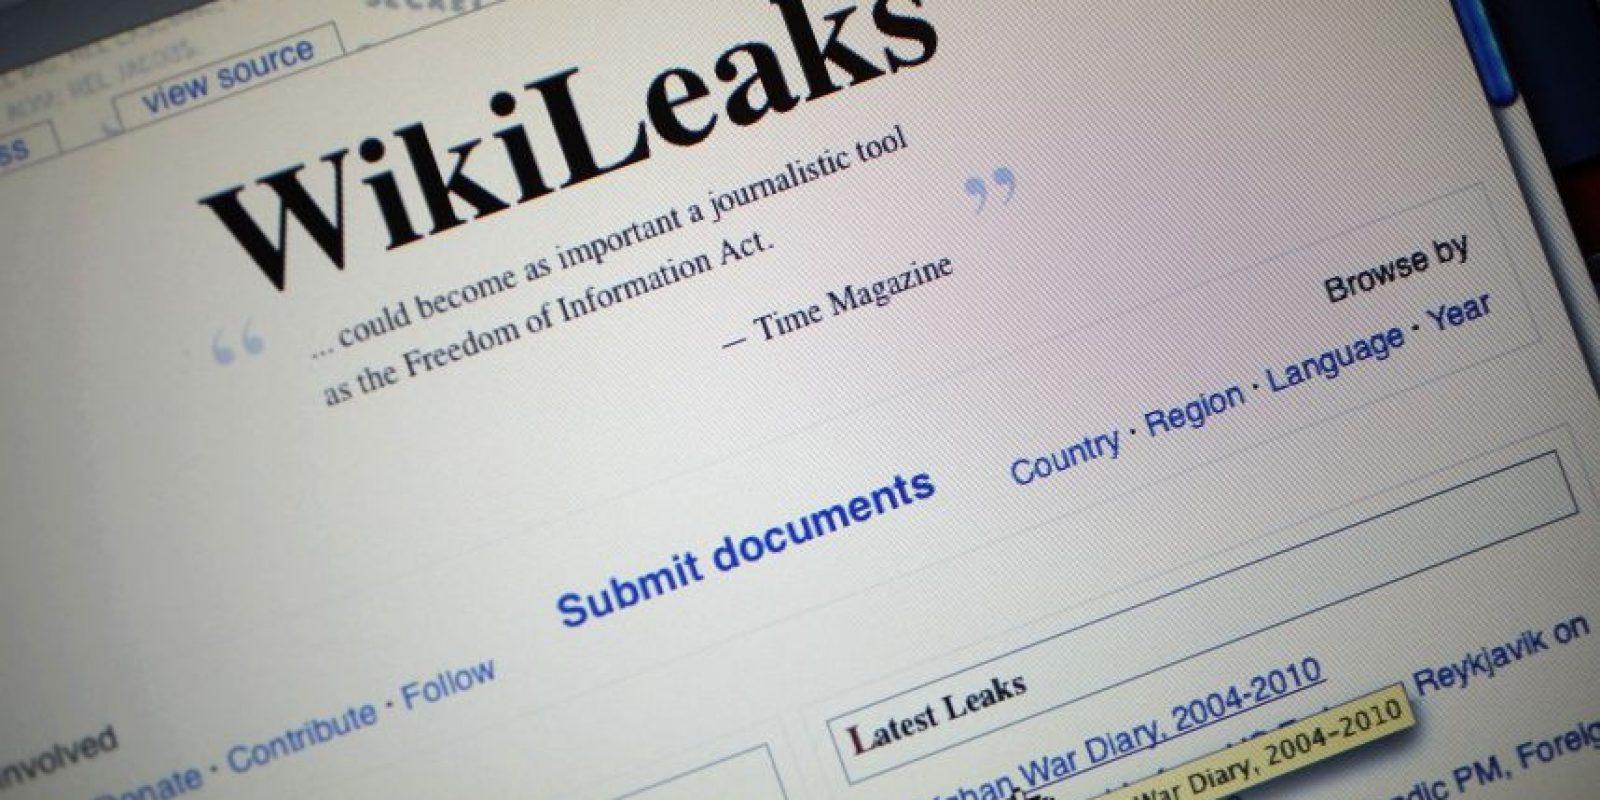 Wikileaks también dio a conocer documentos confidenciales del gobierno de EU. Foto:getty images